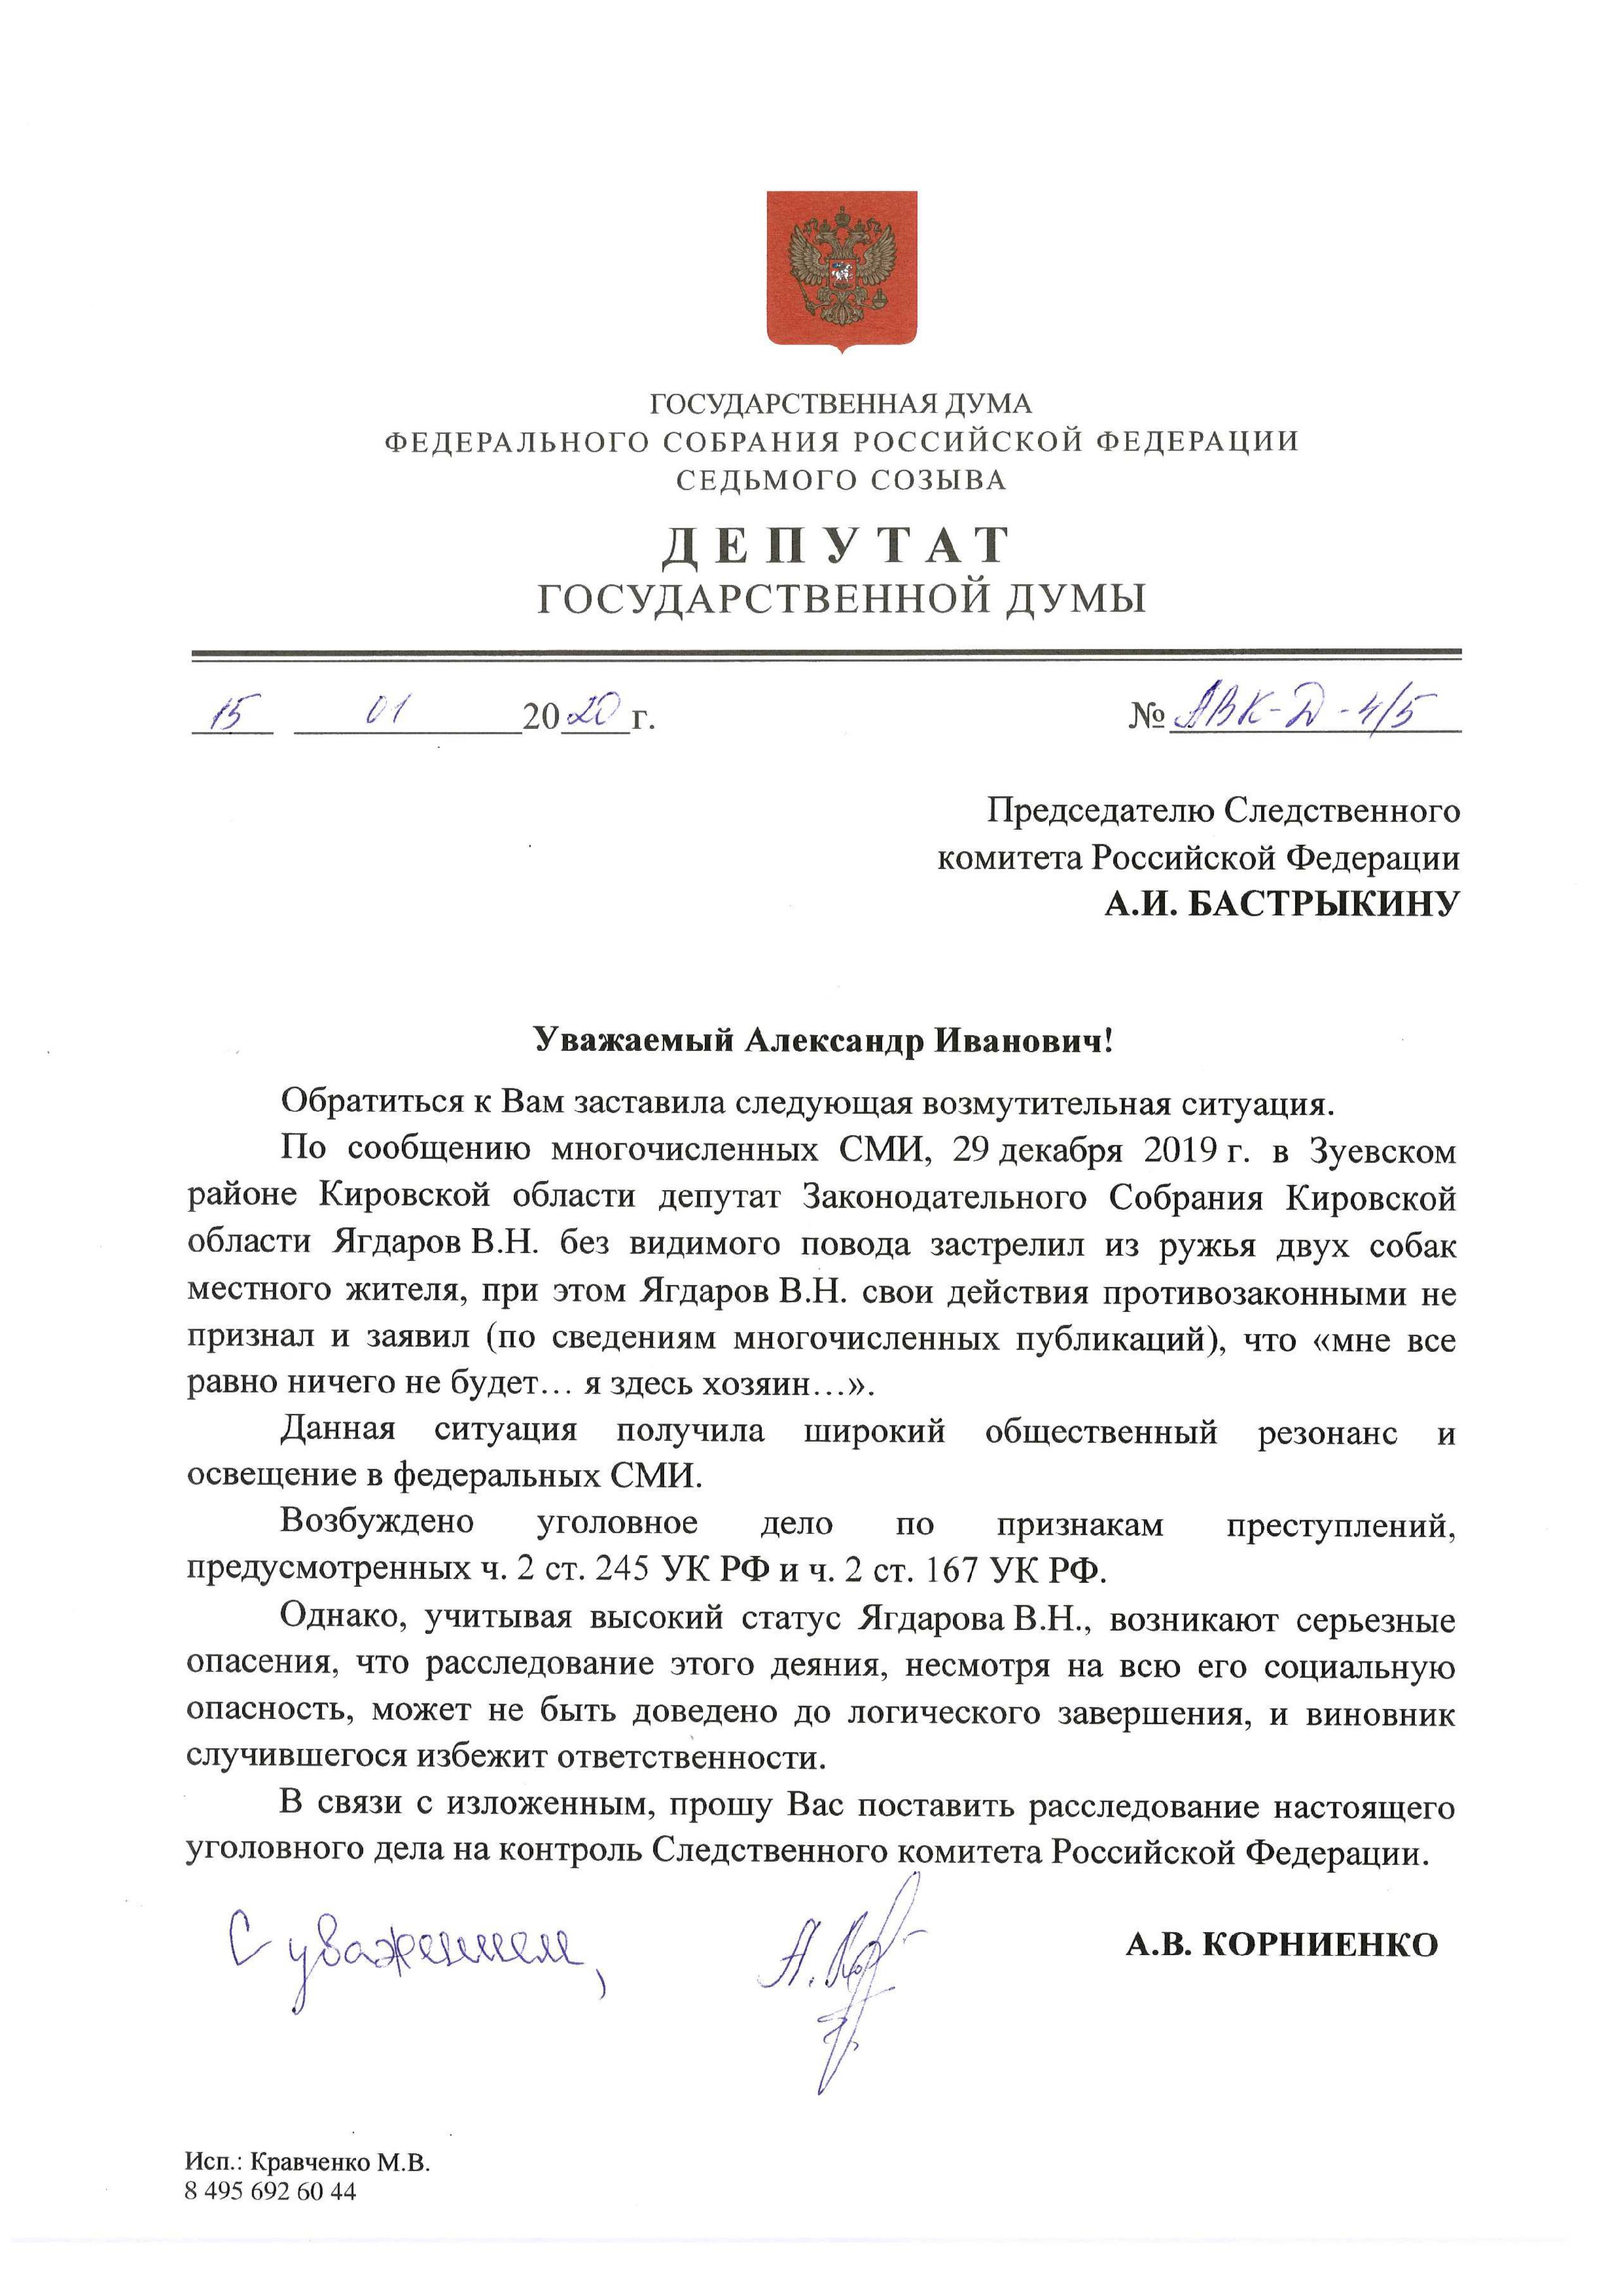 запрос КПРФ по Ягдарову